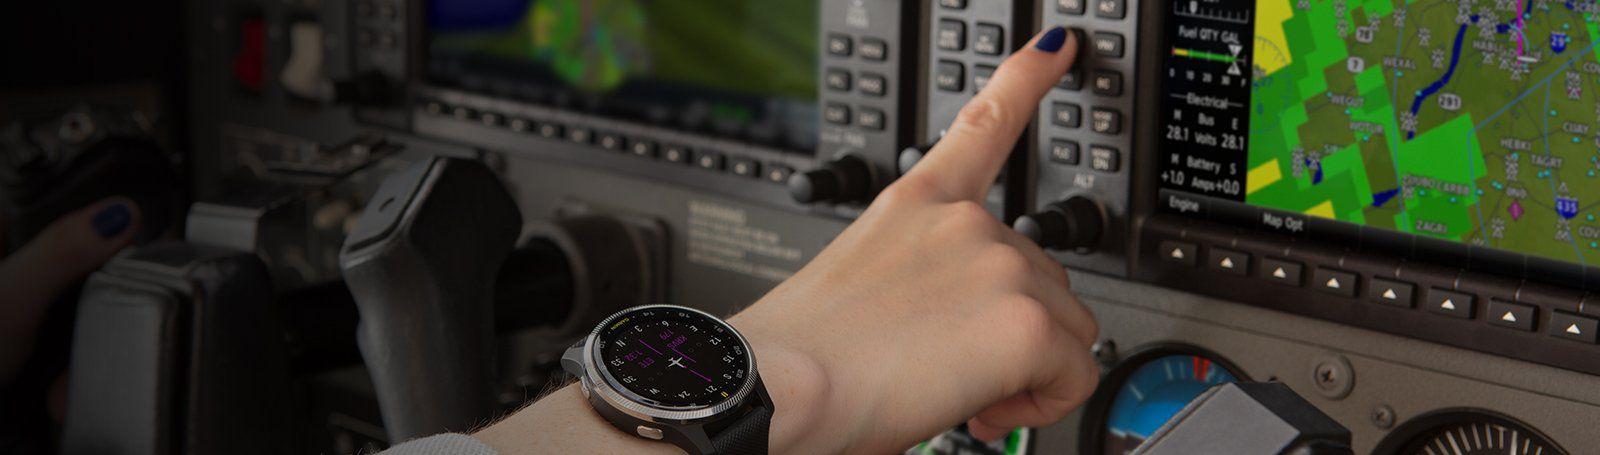 ساعت گارمین D2 Air